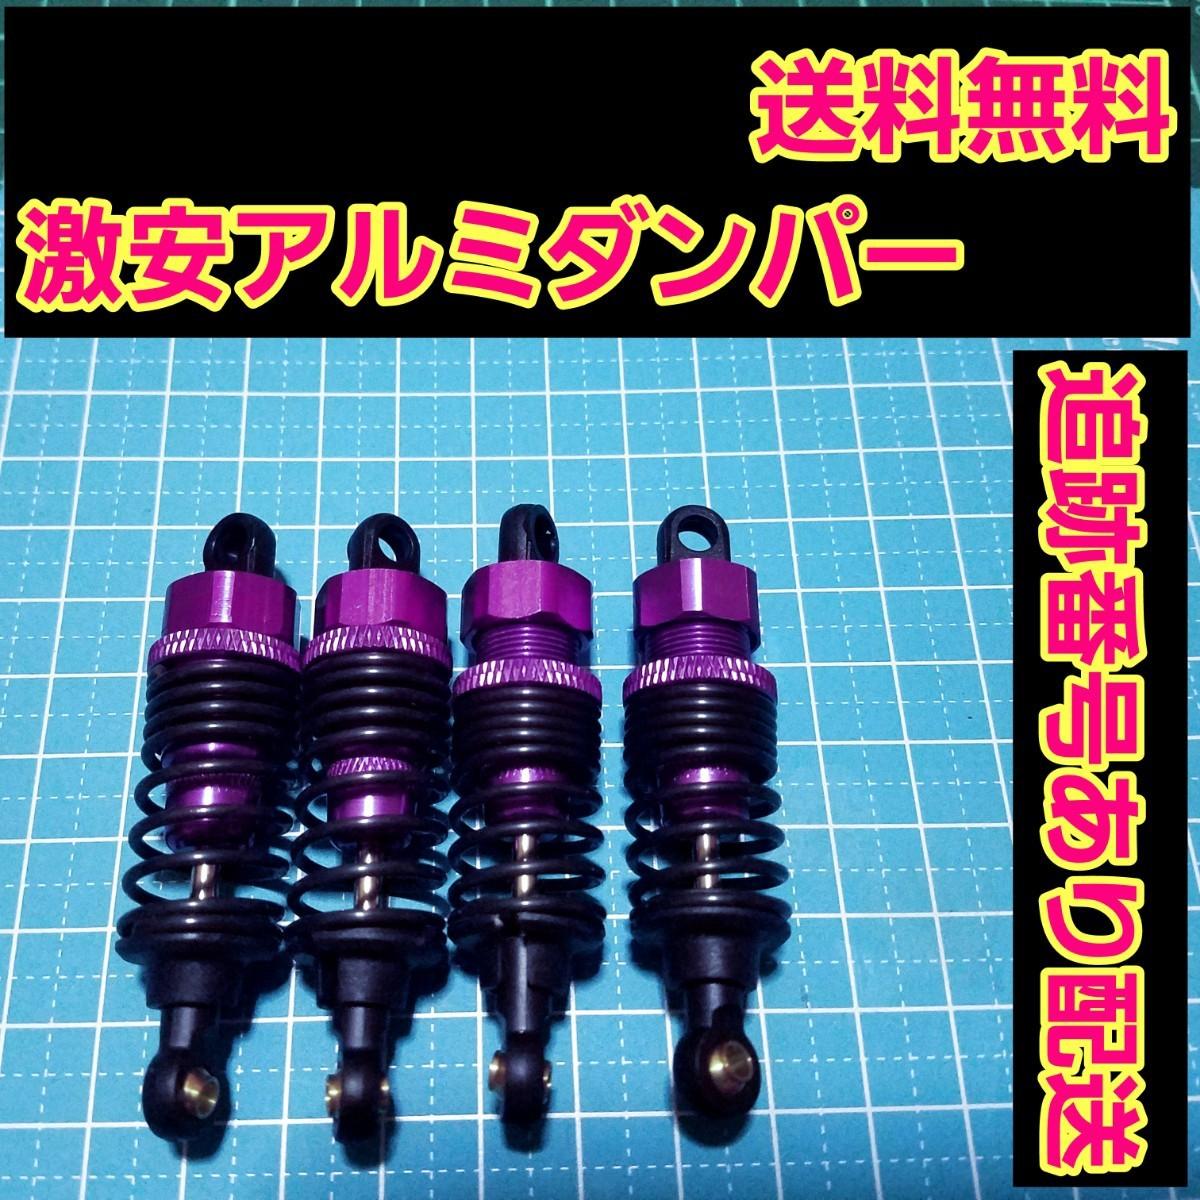 アルミ オイル ダンパー 紫  ラジコン ドリパケ TT01 TT02 YD-2